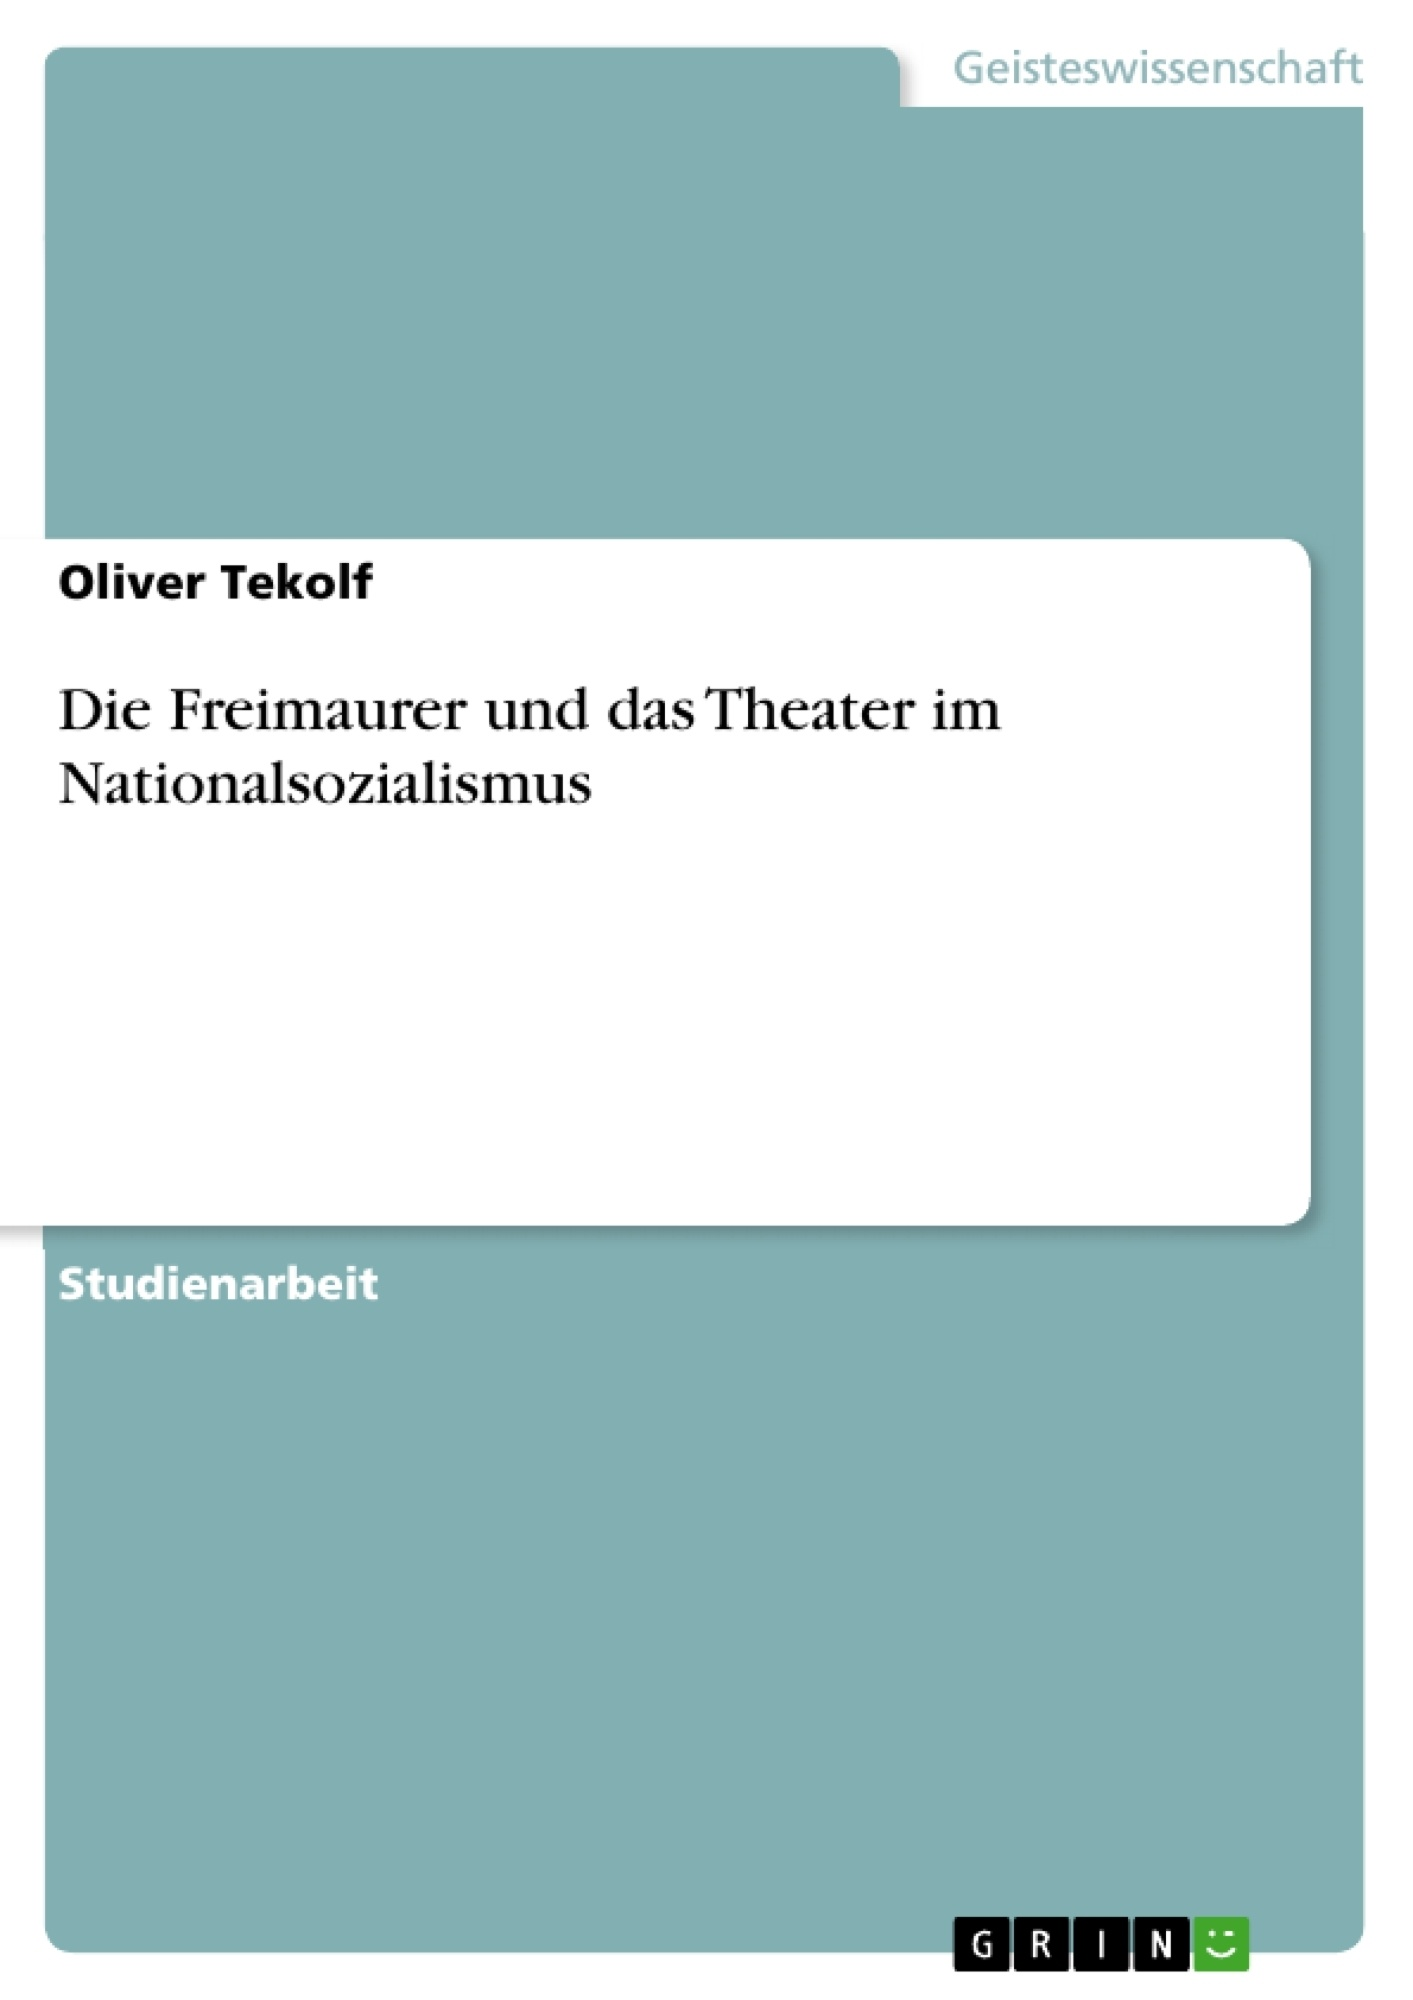 Titel: Die Freimaurer und das Theater im Nationalsozialismus